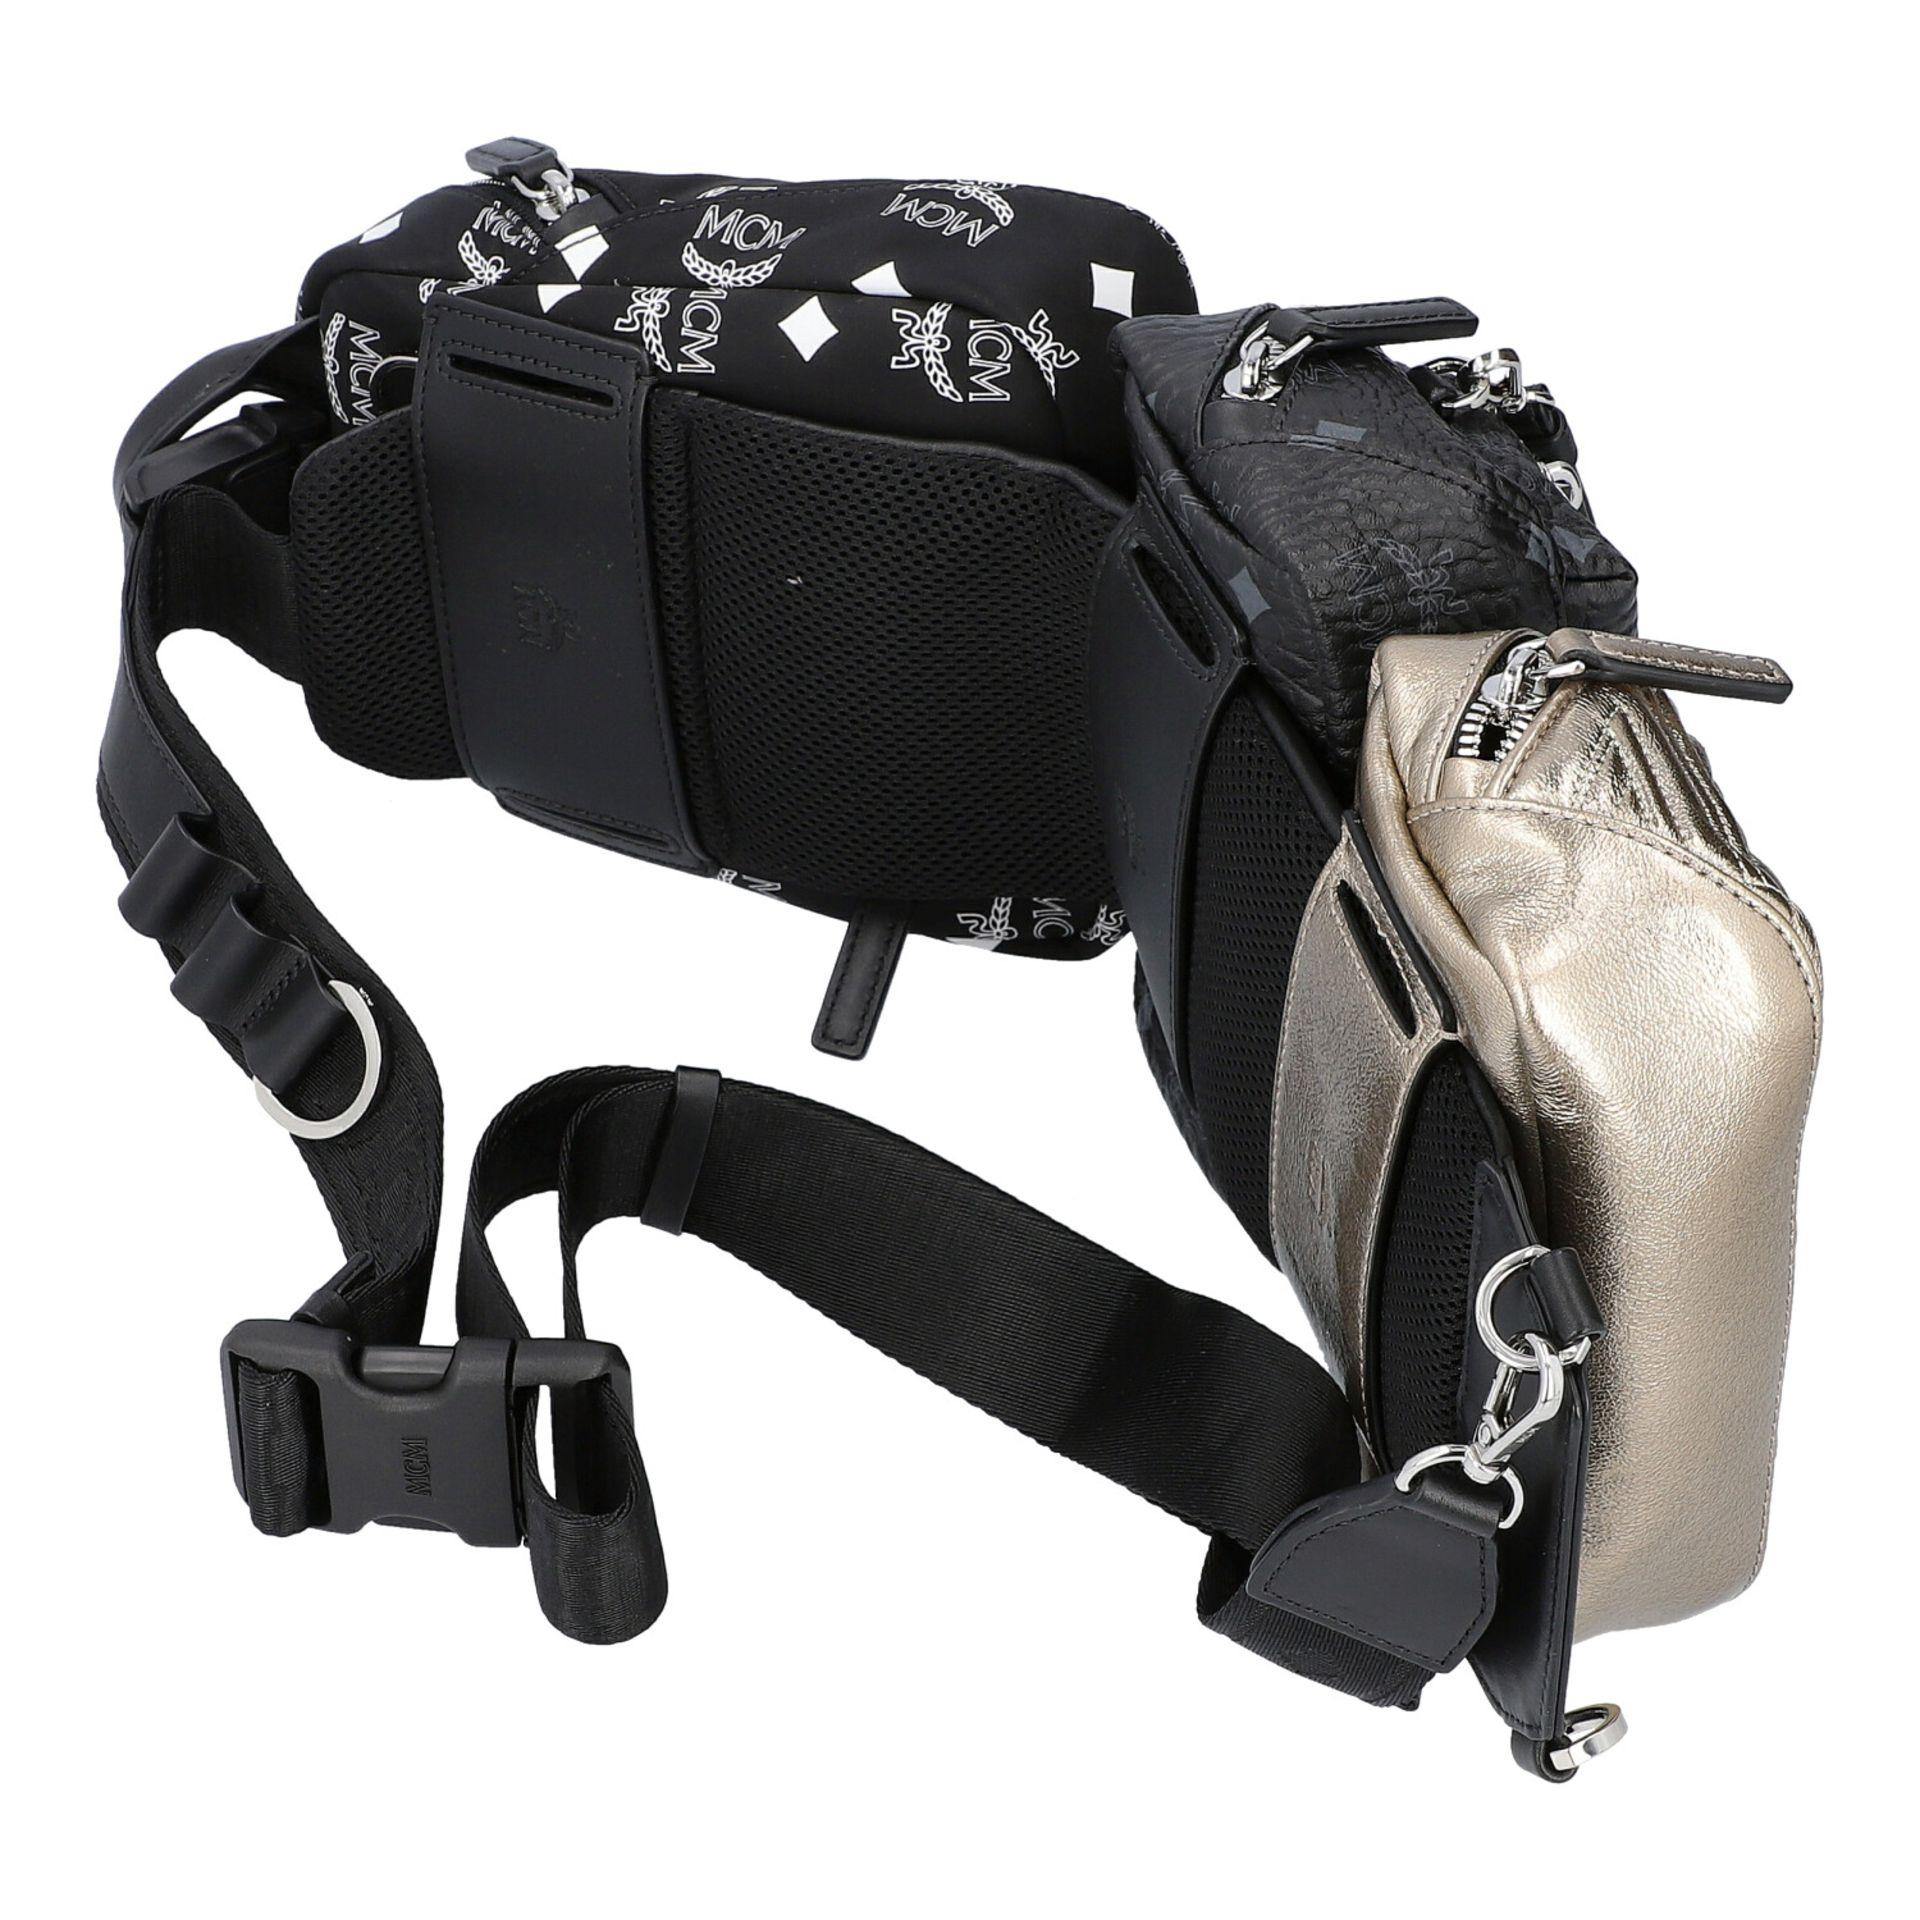 MCM Multi-Bag, akt. NP.: 995,-€. Dreifache Tasche bestehend aus drei einzelnen Model - Image 2 of 5